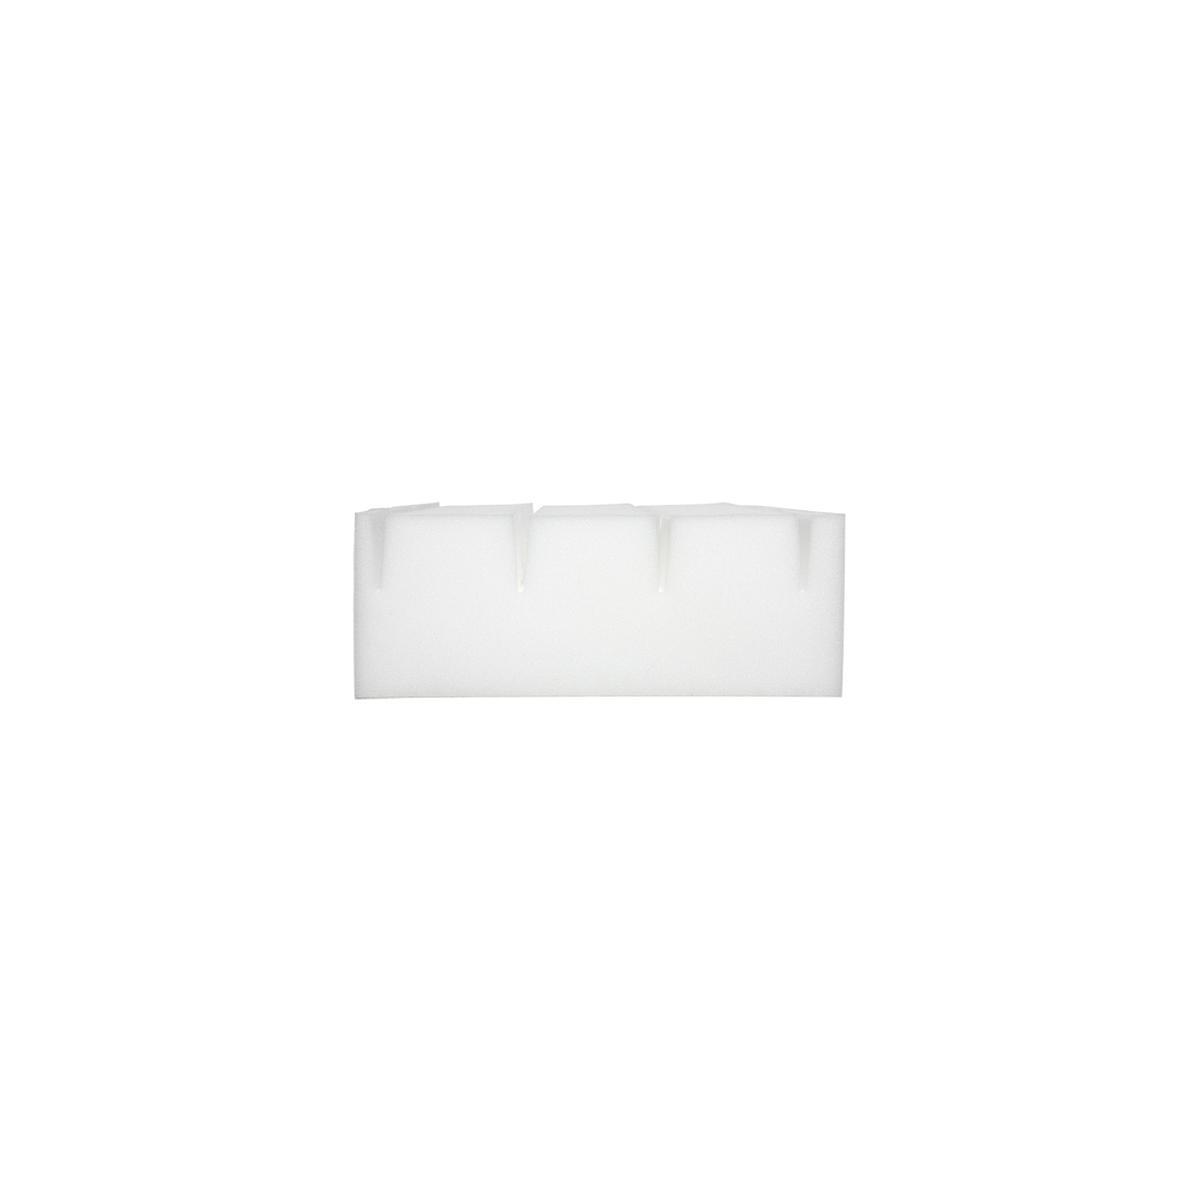 Colchón espuma con funda 200x90 Flexa crema